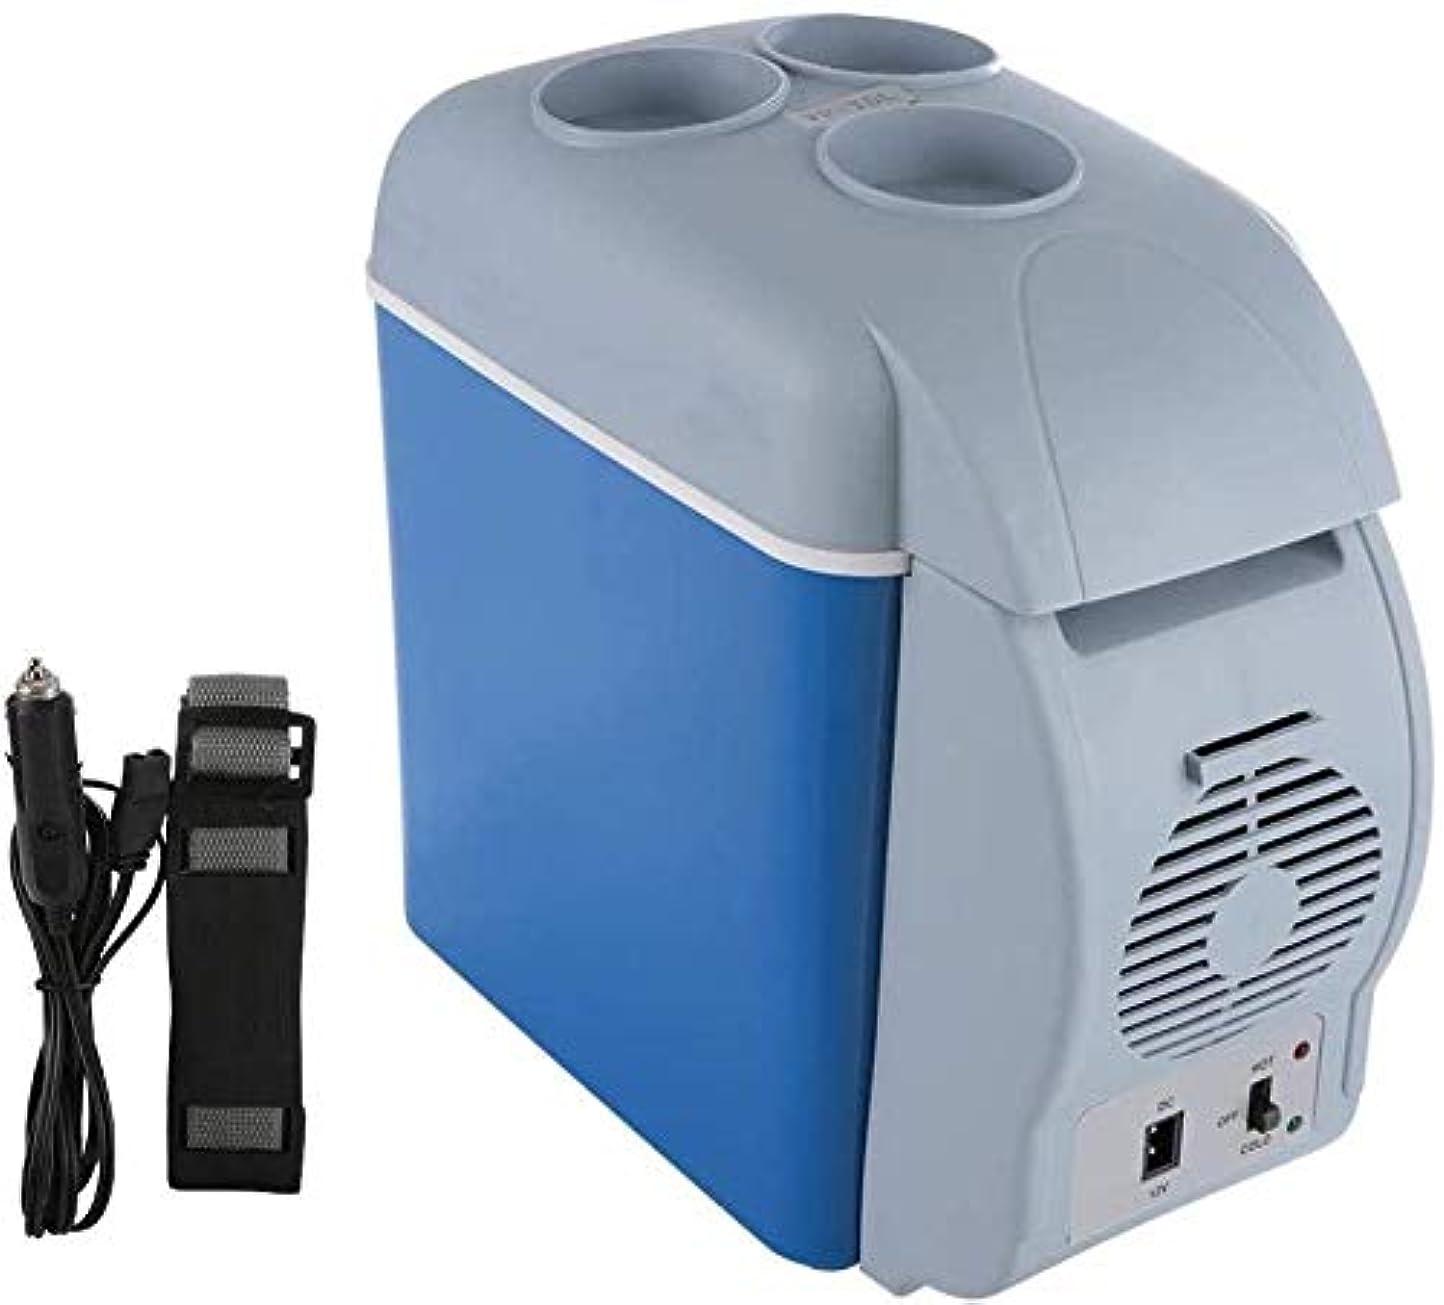 パネル物足りない安らぎミニカー冷蔵庫12V 7.5Lミニホームキャンプ冷蔵庫電気クールボックスクーラーウォーマートラベルポータブルボックス冷凍庫運転旅行釣り屋外